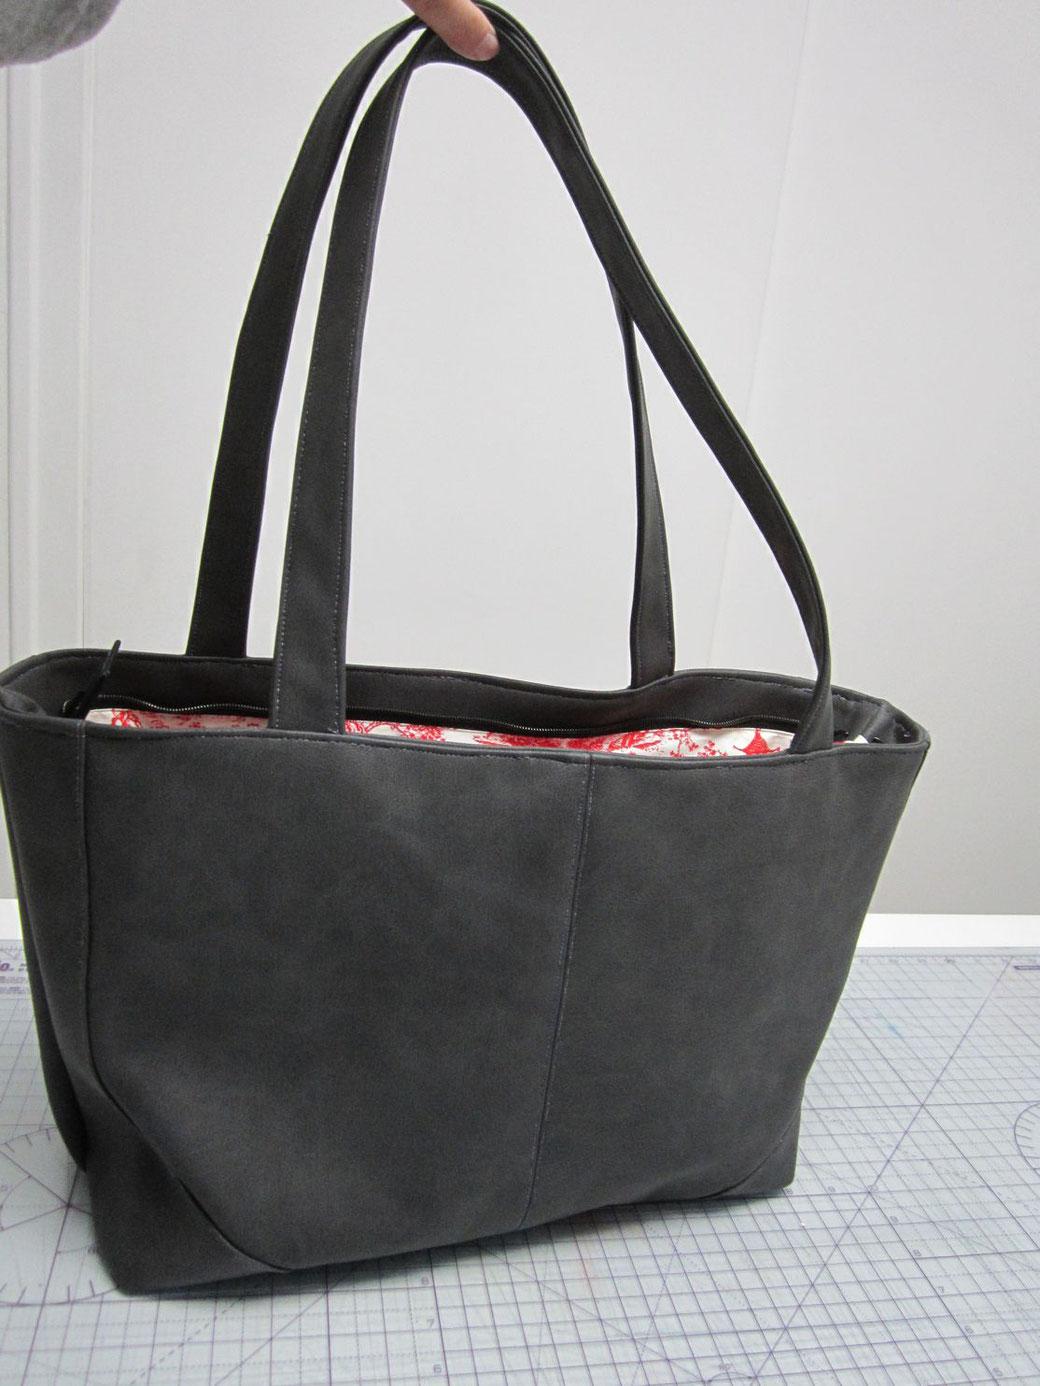 7668655edb Voici le modèle choisi par ma fille Mariette. L'extérieur est en simili et  l'intérieur est doublé coton. Le modèle est un inspiré d'un sac existant  acheté ...